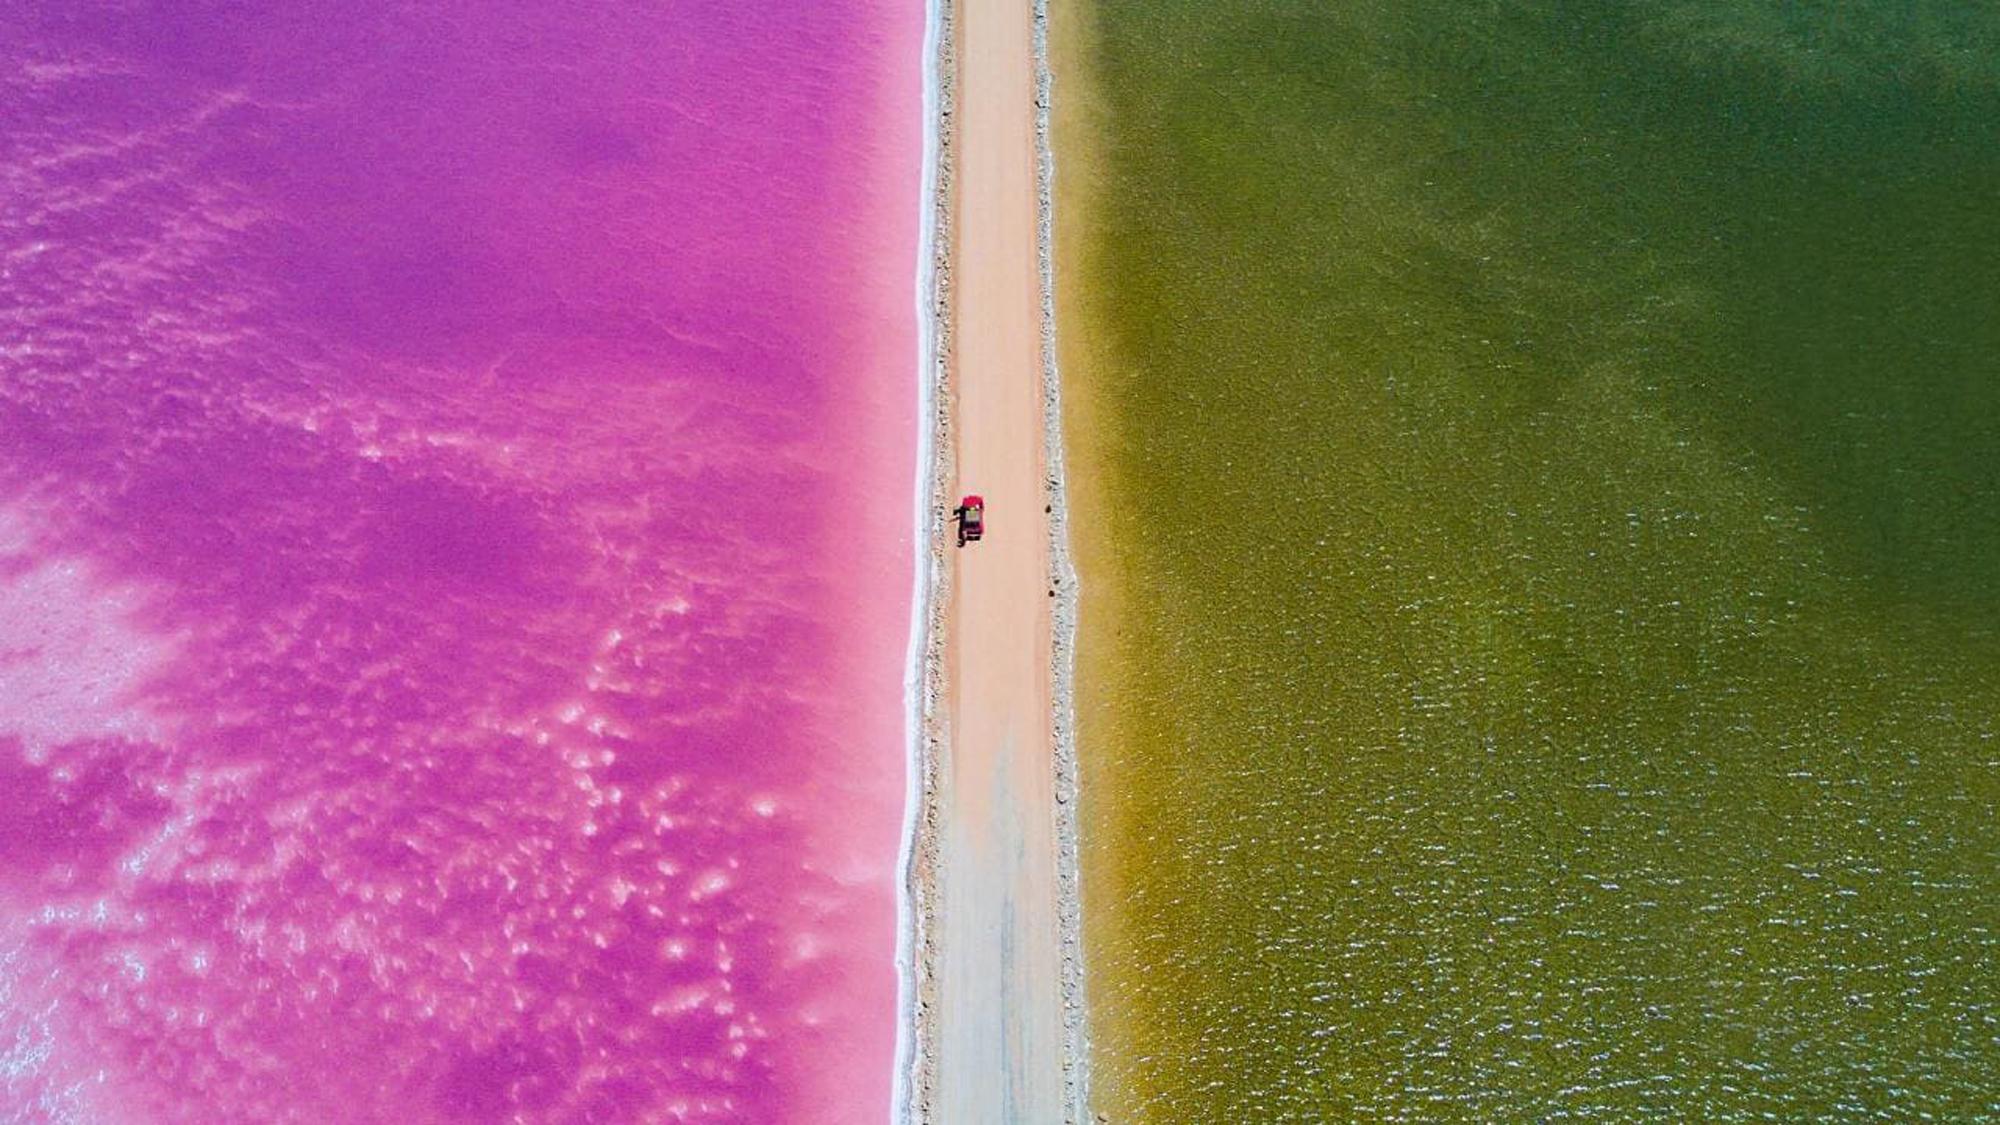 Con đường siêu đẹp giữa hai luồng nước xanh và hồng - Ảnh 1.